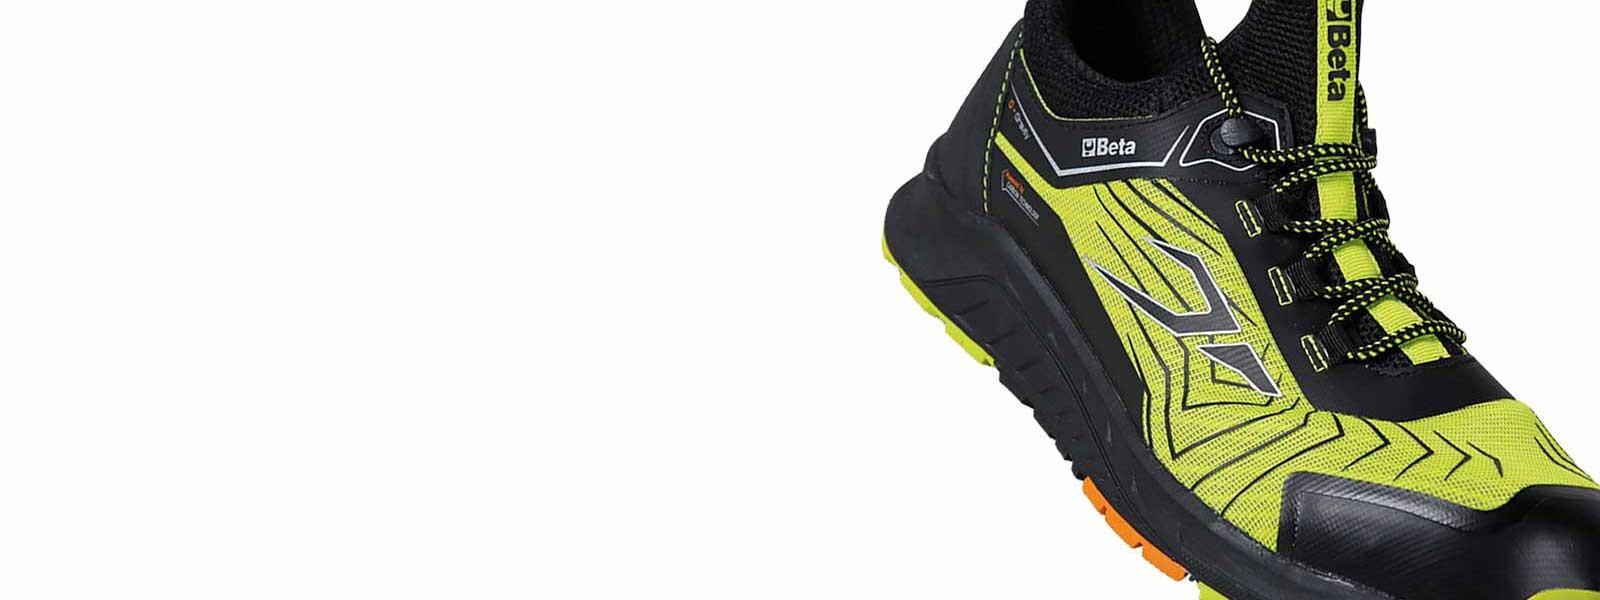 Παπούτσια ασφαλείας Beta 0 Gravity